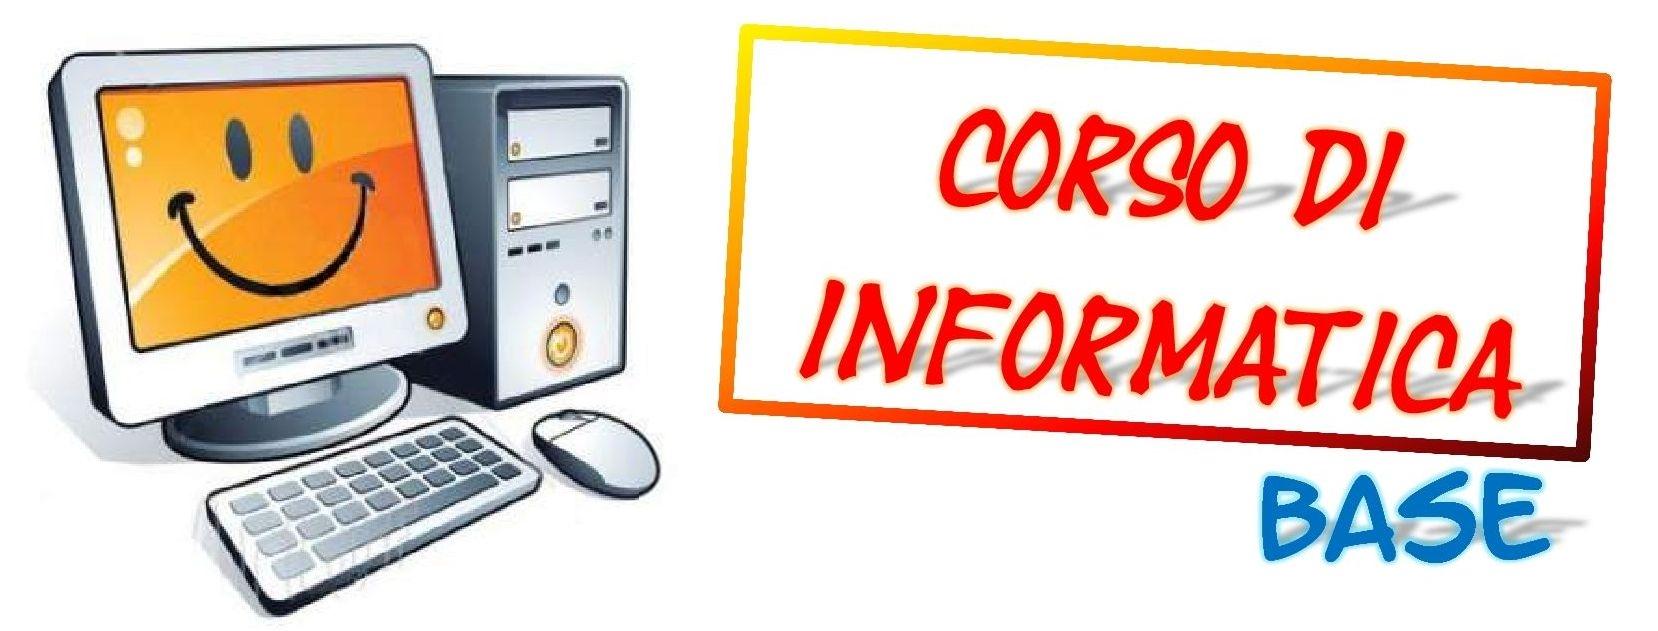 Avv. 187 Corsi di certificazione informatica EIPASS